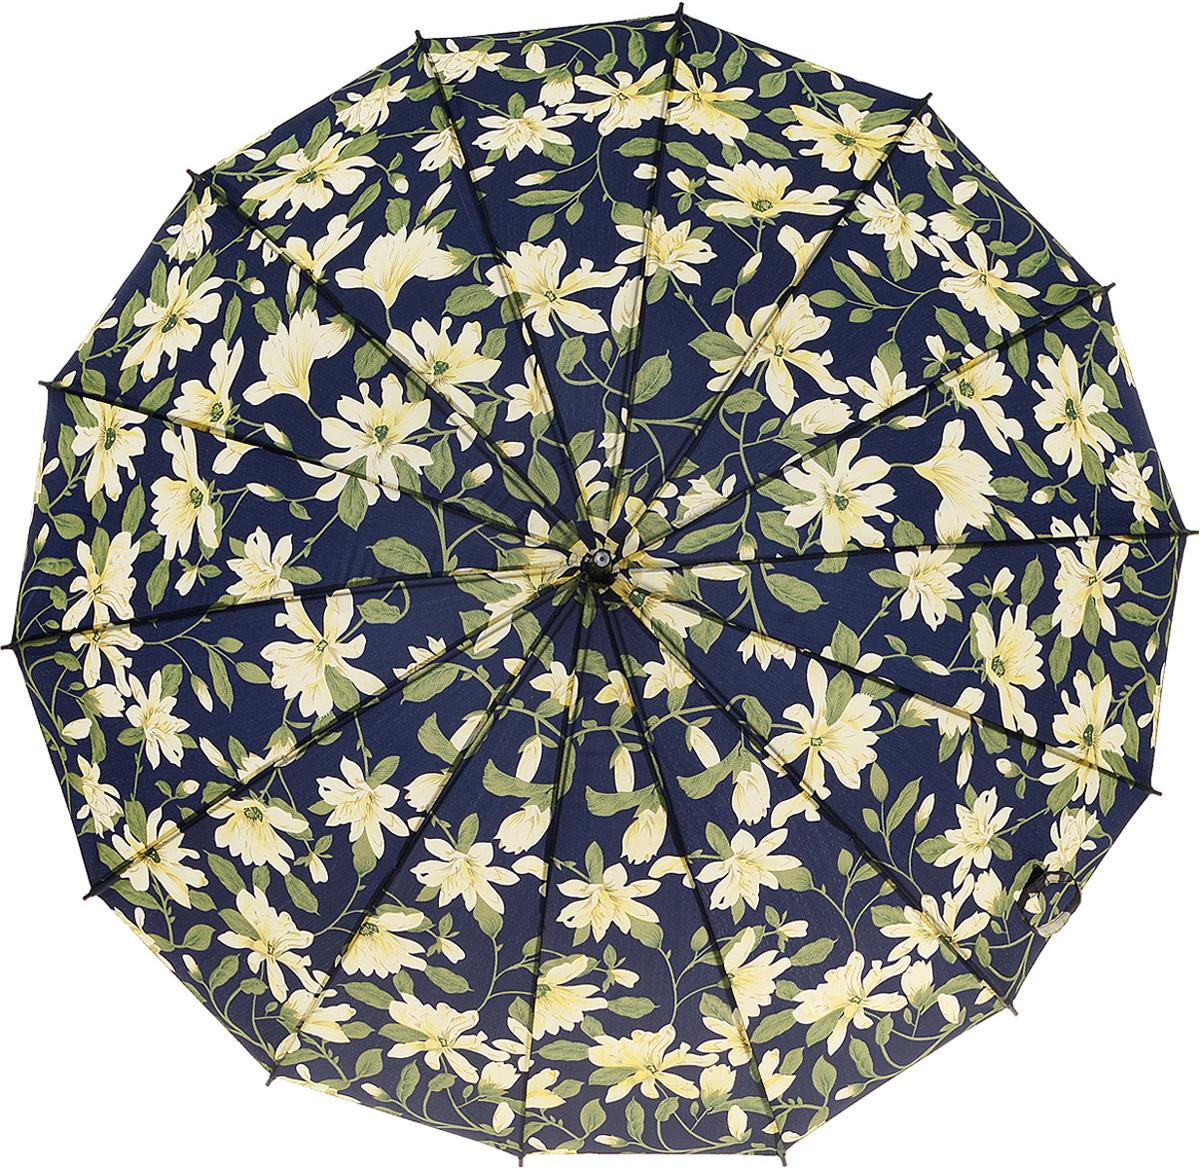 Зонт женский Kawaii Factory White Flowers, цвет: черный. KW042-000178KW042-000178Стильный черный зонт White Flowers от Kawaii Factory с цветочным принтом выглядит очень элегантно. Выразительный контрастный дизайн обеспечивает особый эффект объемной картинки. Удобная ручка, большой диаметр купола, красивый материал - все это в совокупности служит гарантией уверенности и дарит ощущение защищенности в ненастную погоду. Зонт практически неуязвим. Особо прочную конструкцию обеспечивают многочисленные спицы, образующие в раскрытом состоянии большой куполообразный каркас. Прочный женский зонт не будет предательски выгибаться даже под мощными порывами ветра, укрывая от дождя одного или двух человек. Это очень функциональный, и очень красивый аксессуар! Купол изготовлен из качественного нейлона, изделие дополнено удобной ручкой из пластика, которая выполнена в виде крючка. Также зонт имеет пластиковый наконечник, который устраняет попадание воды на стержень и уберегает зонт от повреждений. Изделие имеет полуавтоматический механизм сложения: купол...